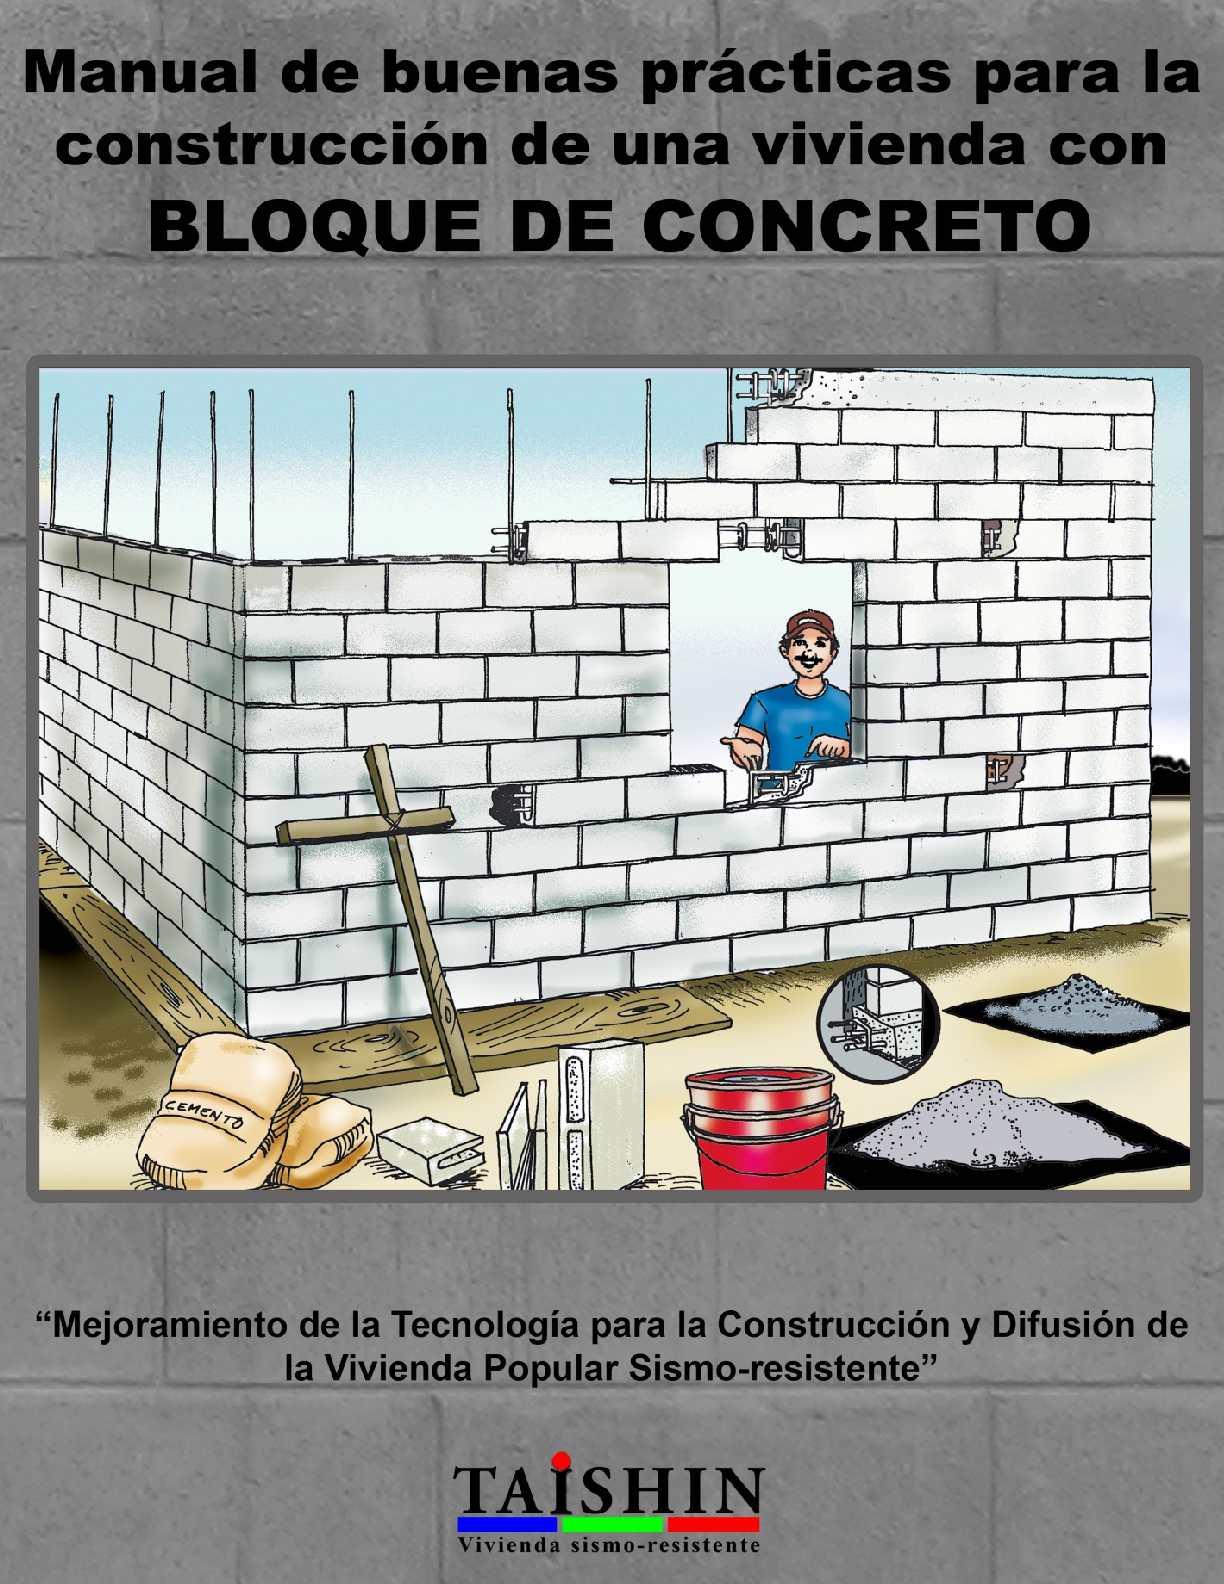 Calam o manual de buenas pr cticas para la construcci n for Construccion de gradas de concreto